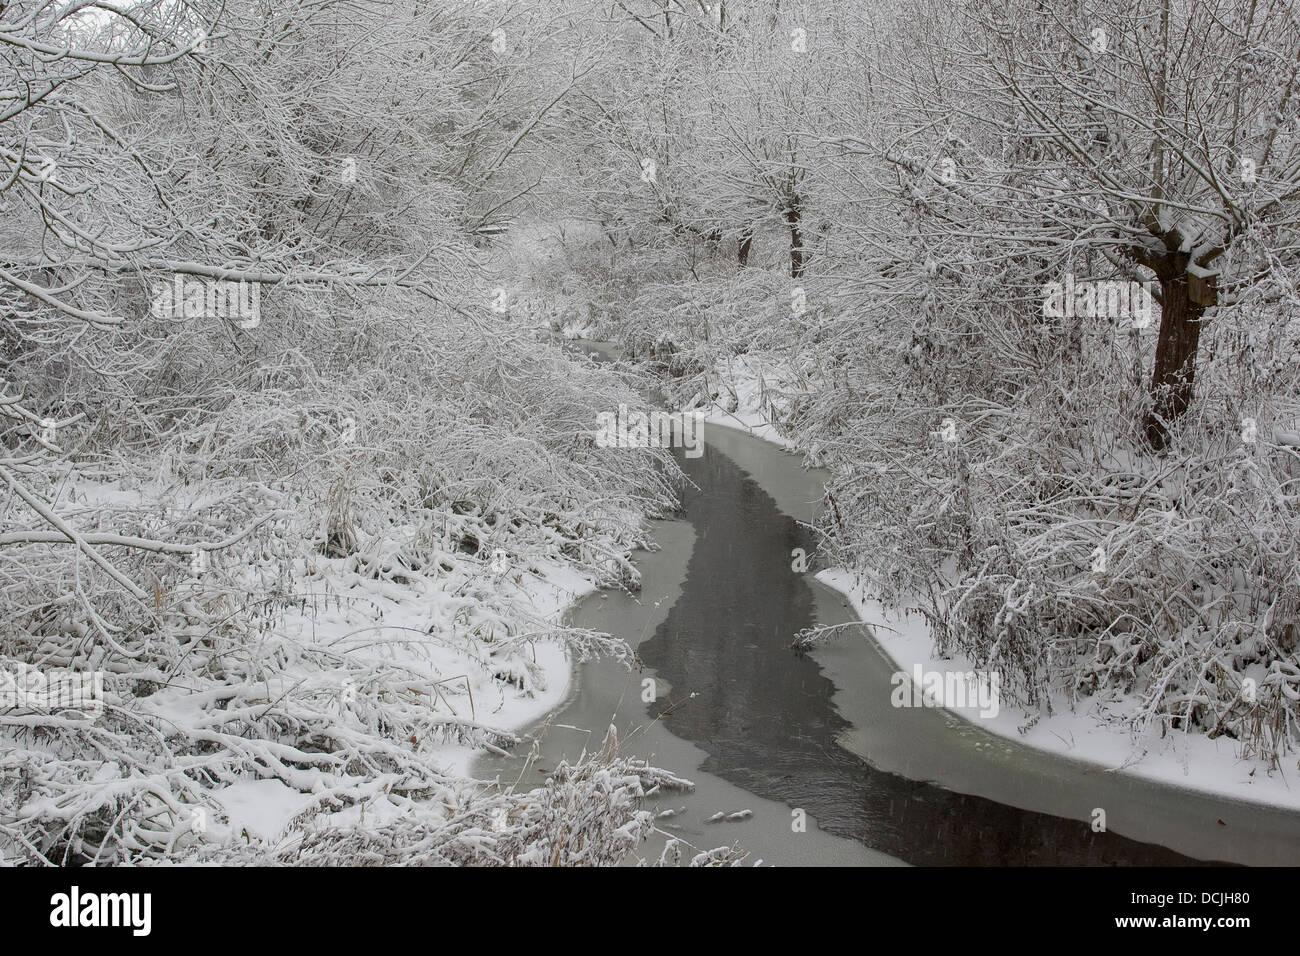 Bach, Fluss, Bach, Bach, naturnaher flachlandbach, Bach, induktionskopfhörern, Fluss, Winter, Schnee, Eis, Stockbild